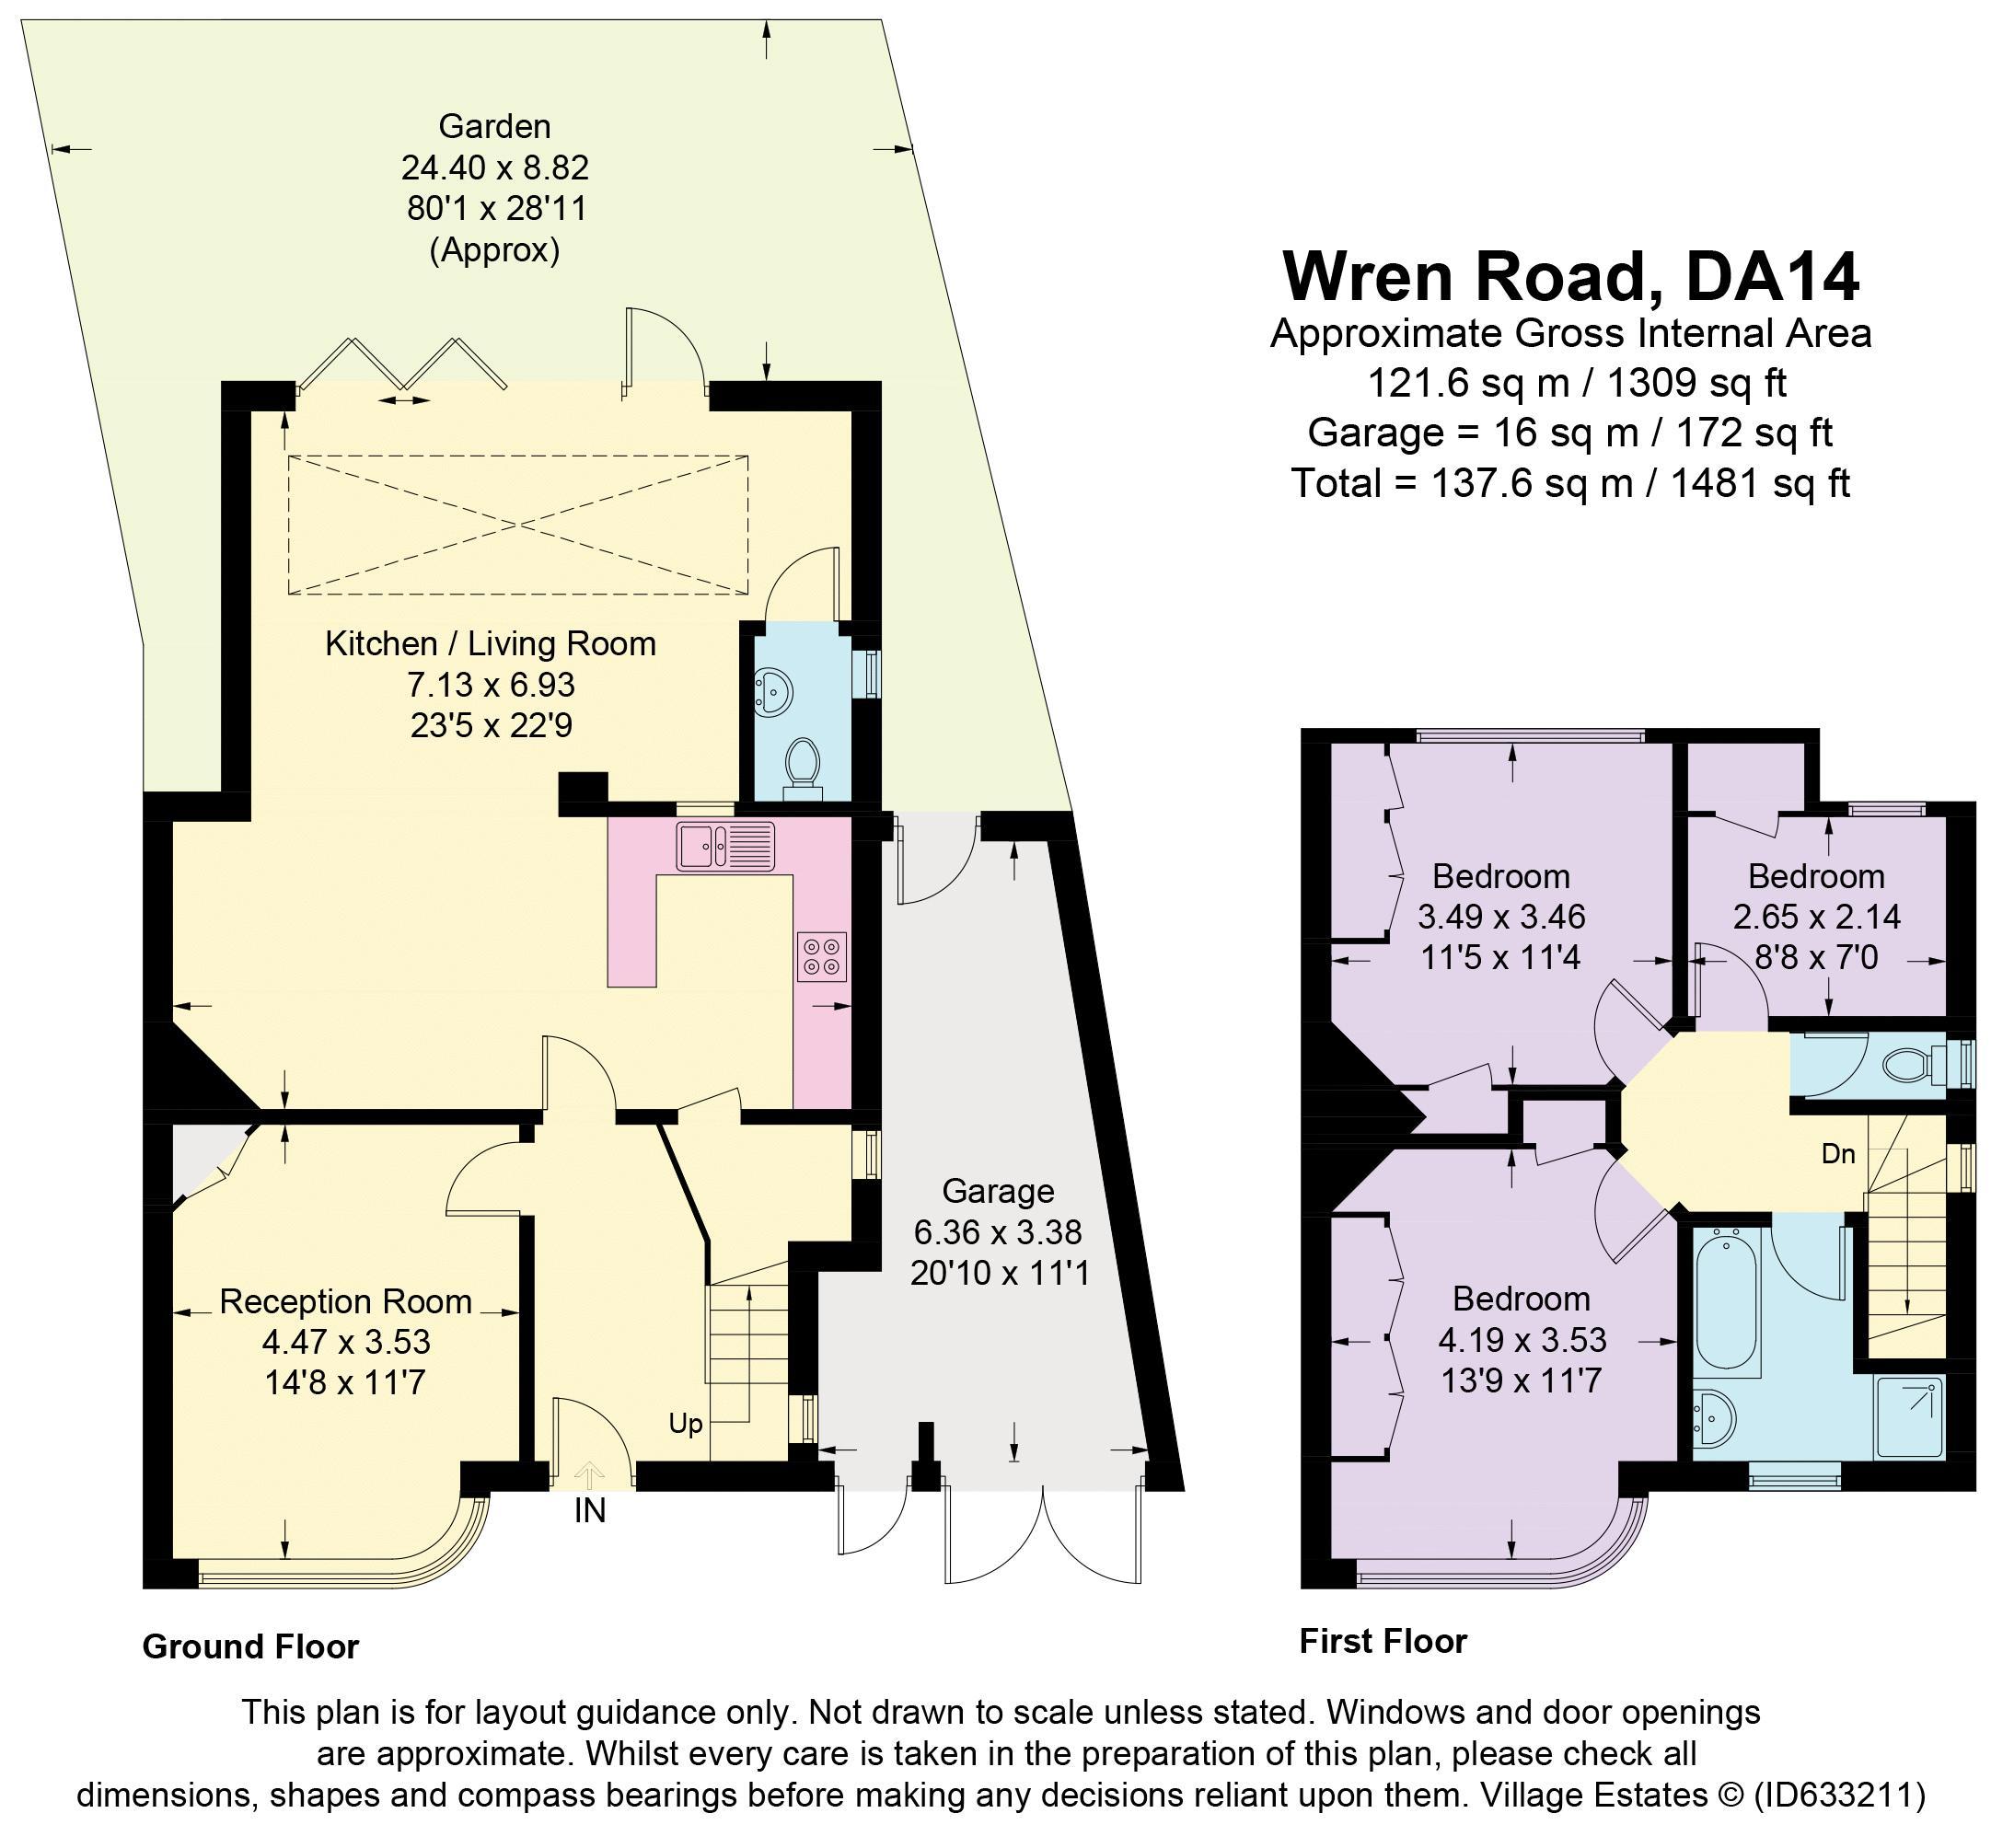 Wren Road Floorplan